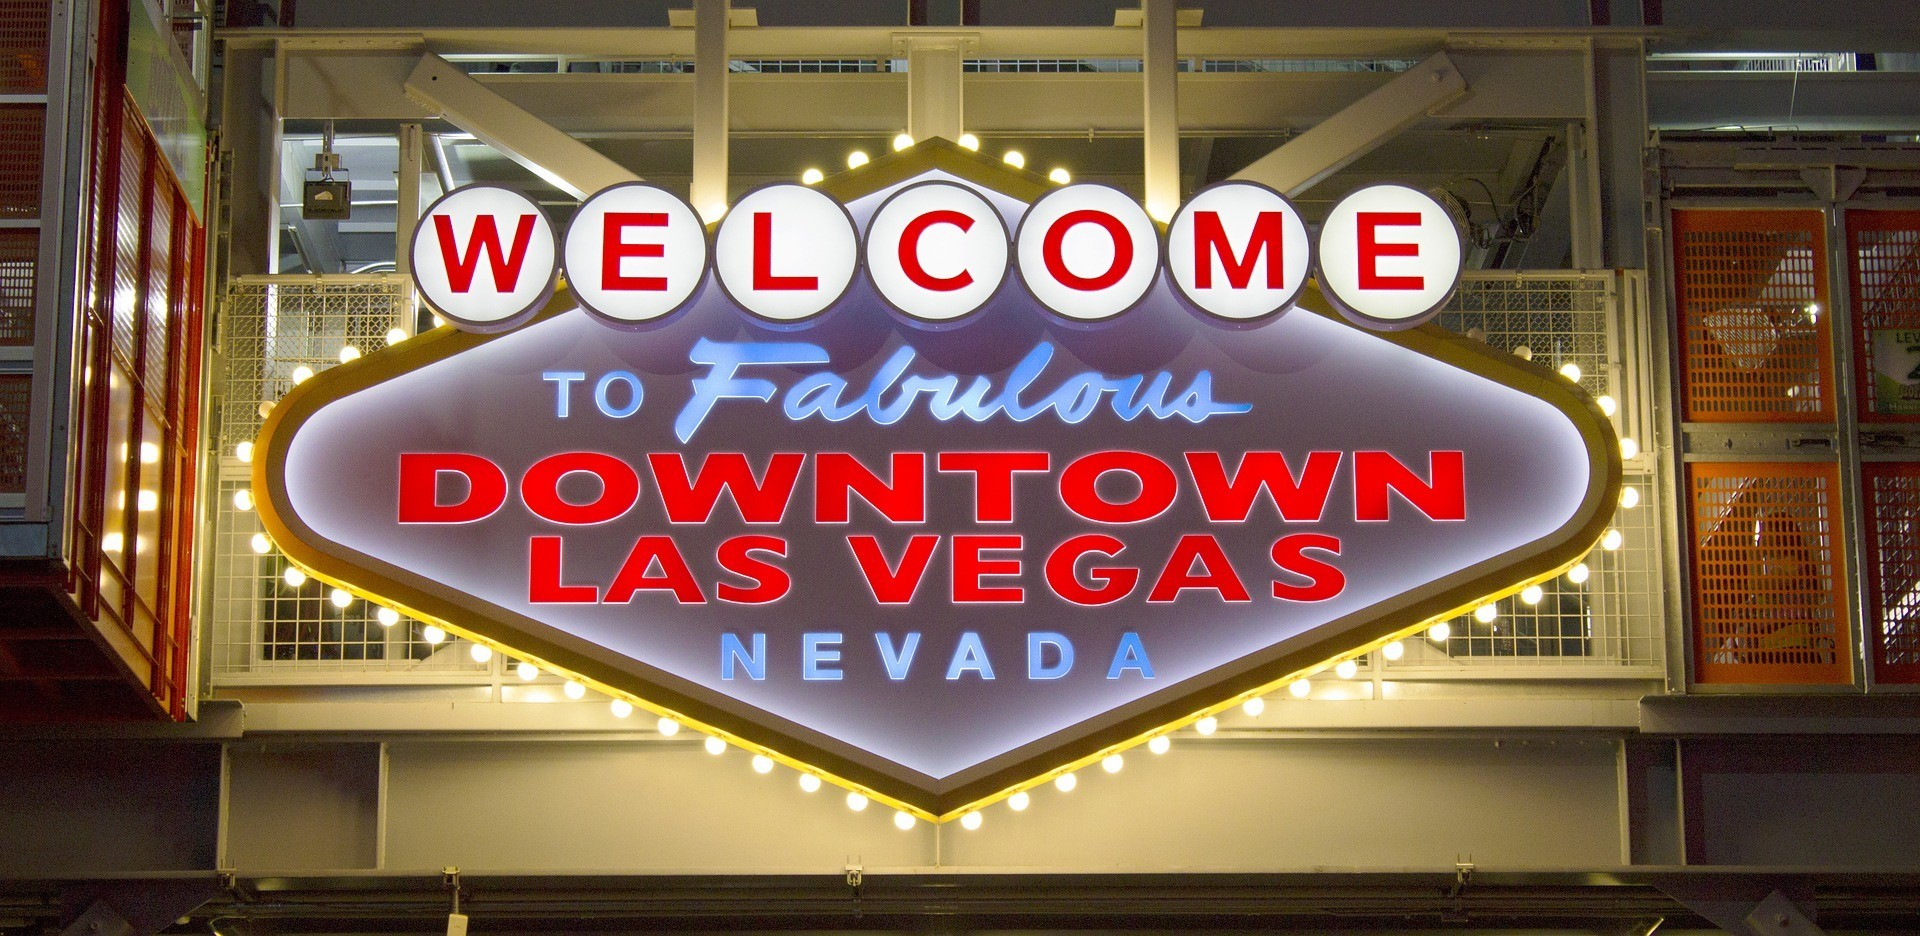 Downtown Las Vegas, Las Vegas